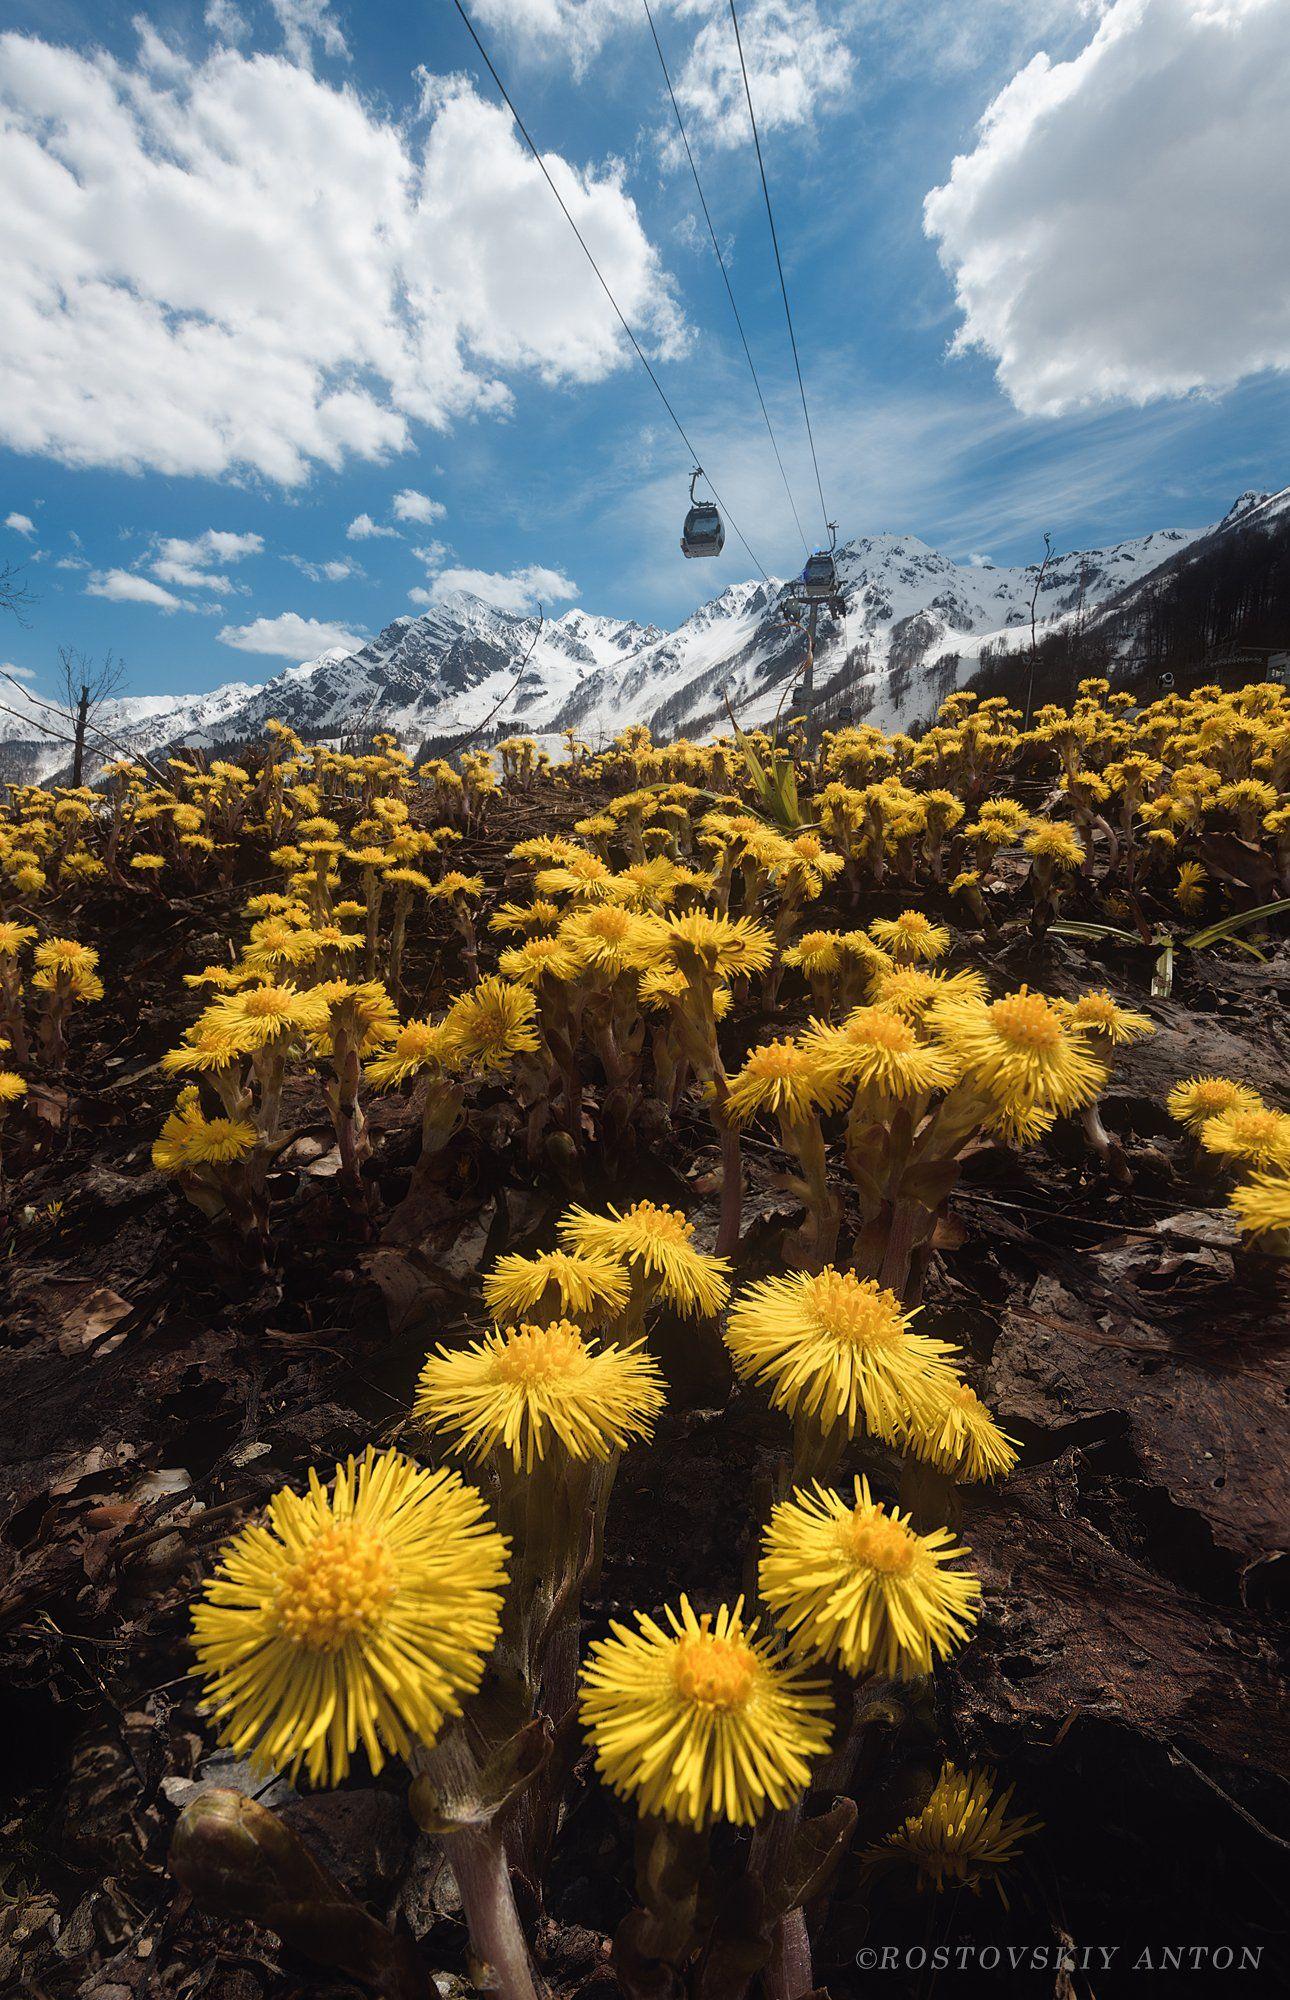 цветы, весна, горы, Сочи, Ростовский Антон